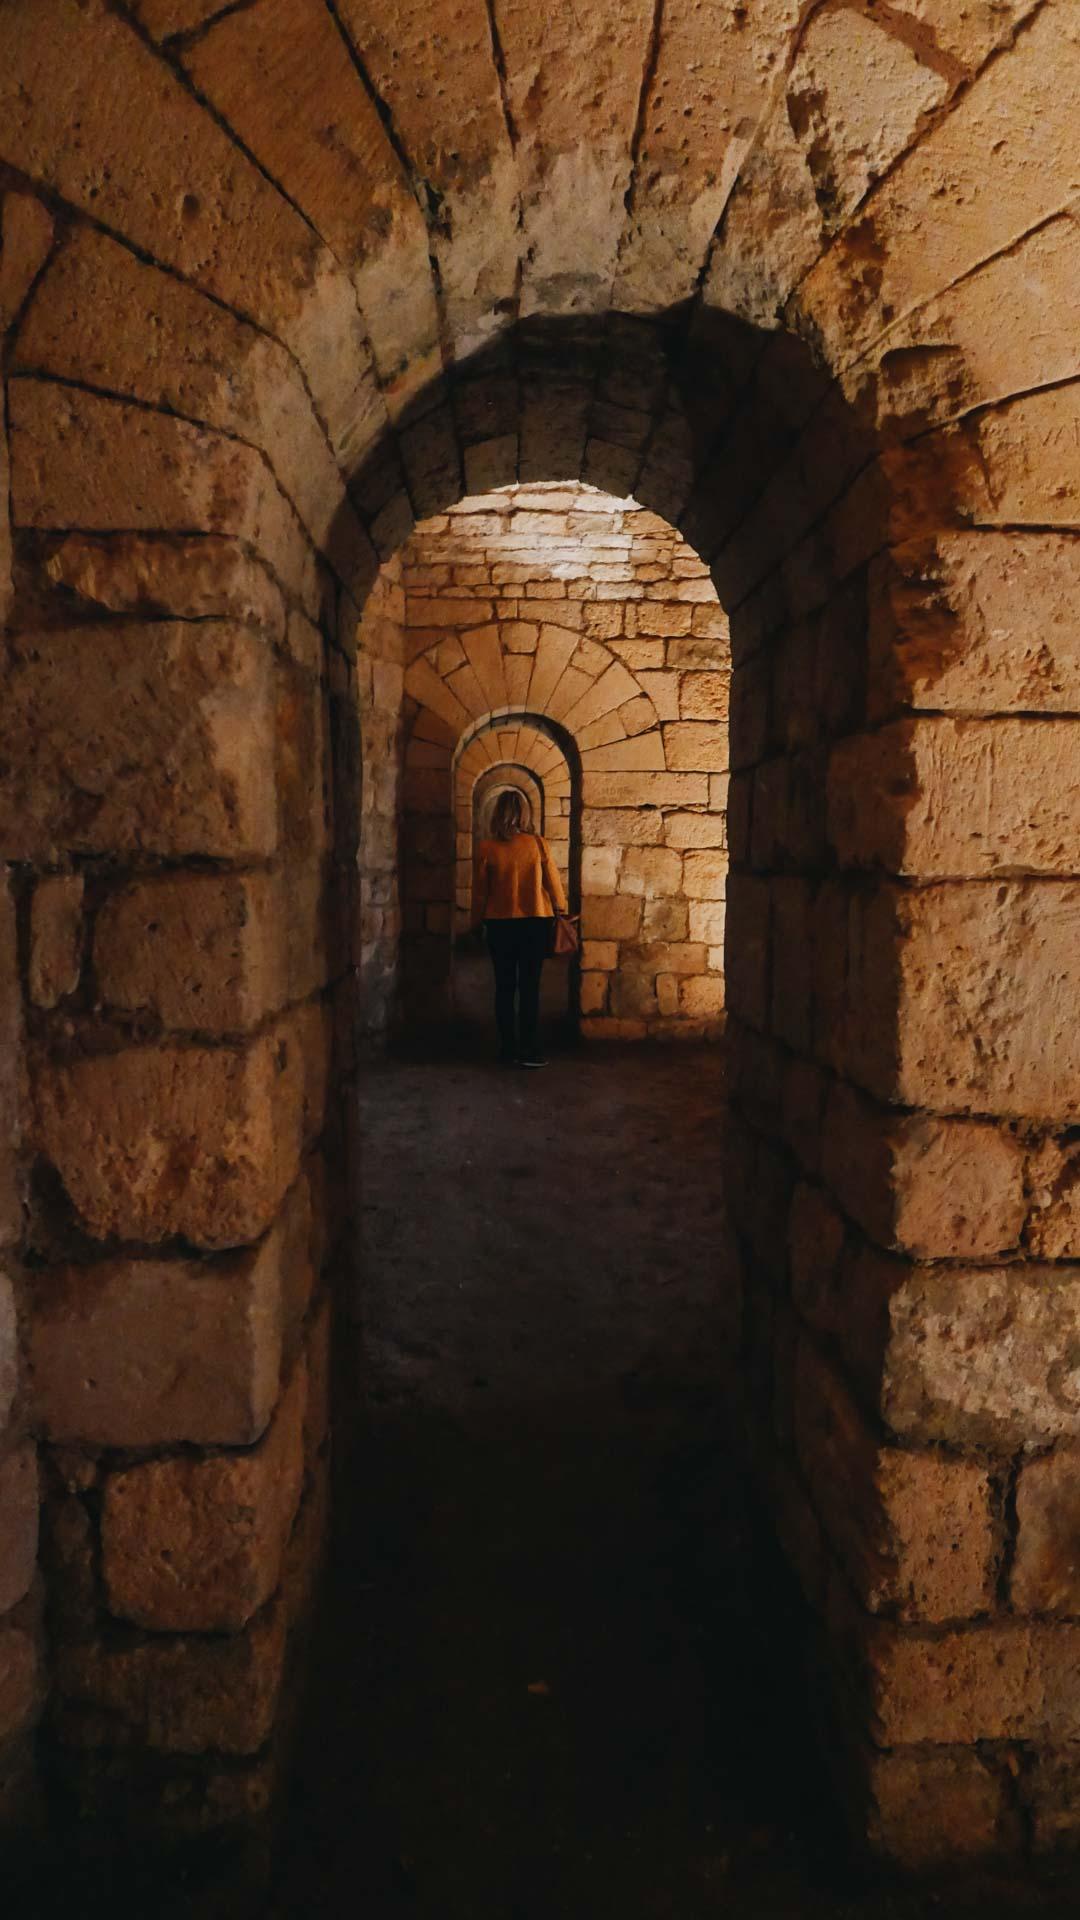 souterrain de Laon